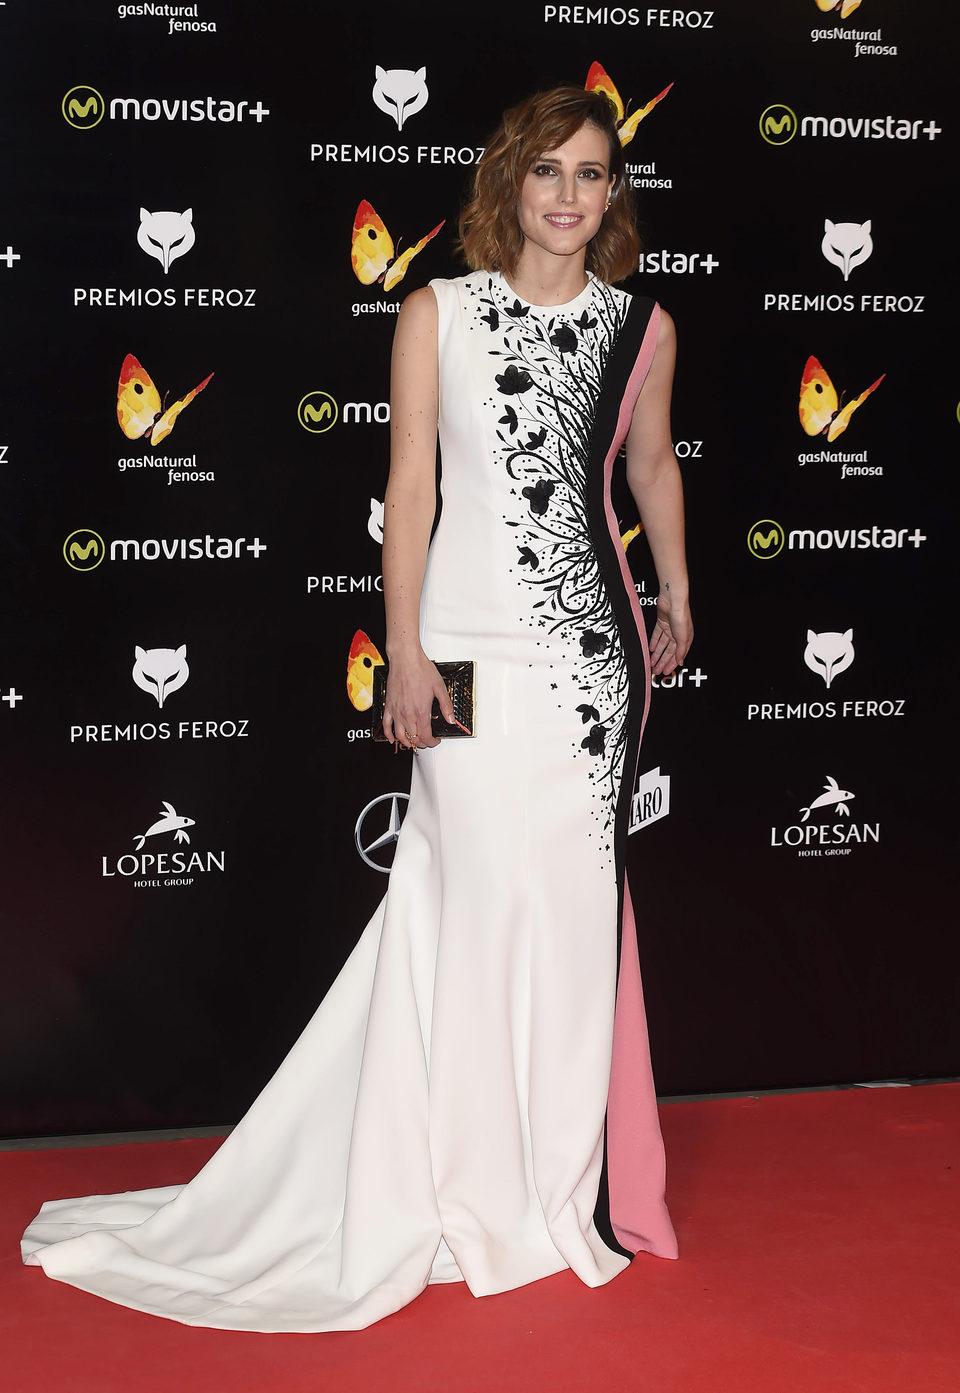 Natalia de Molina en la Alfombra Roja de los Premios Feroz 2016